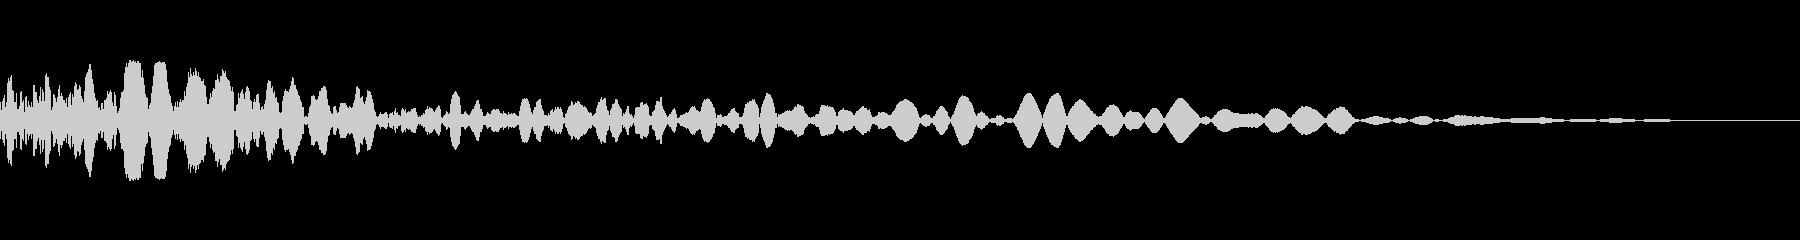 ショックライフルボールファイアの未再生の波形